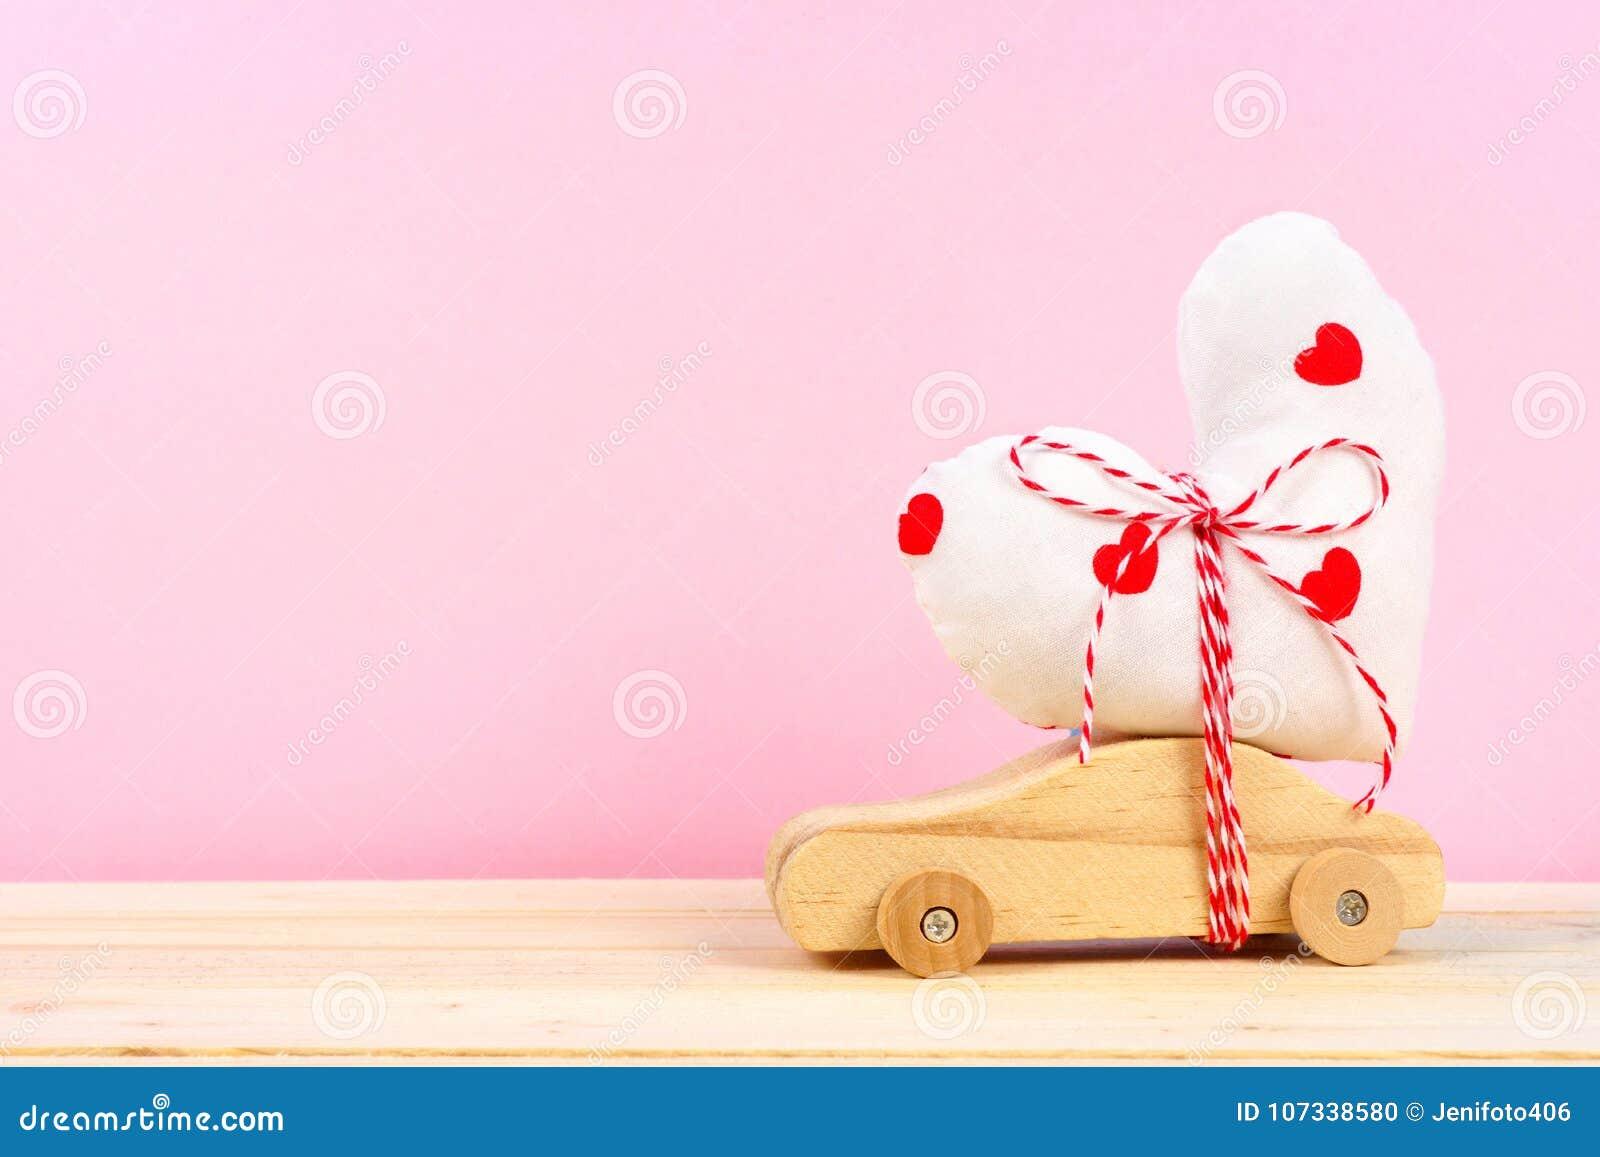 Le Photo Avec Voiture Bois De Rose Tissu Contre En Coeur Stock trdCshQ